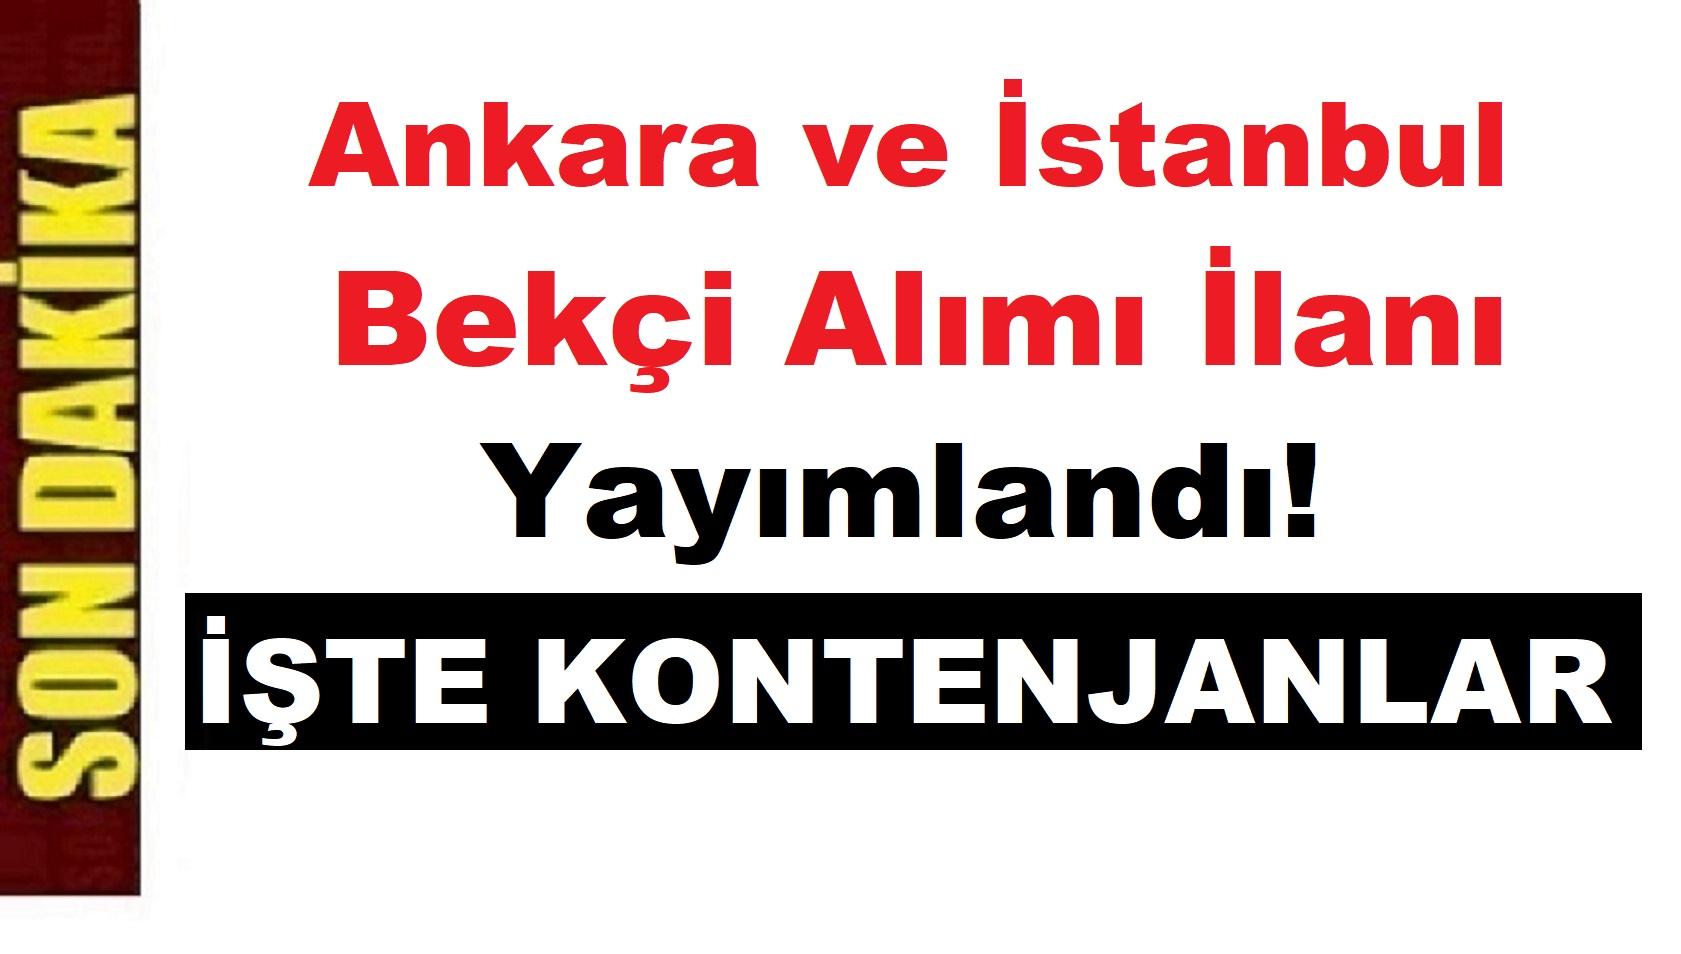 İstanbul ile Ankara Bekçi Alımı Kontenjanları Açıklandı